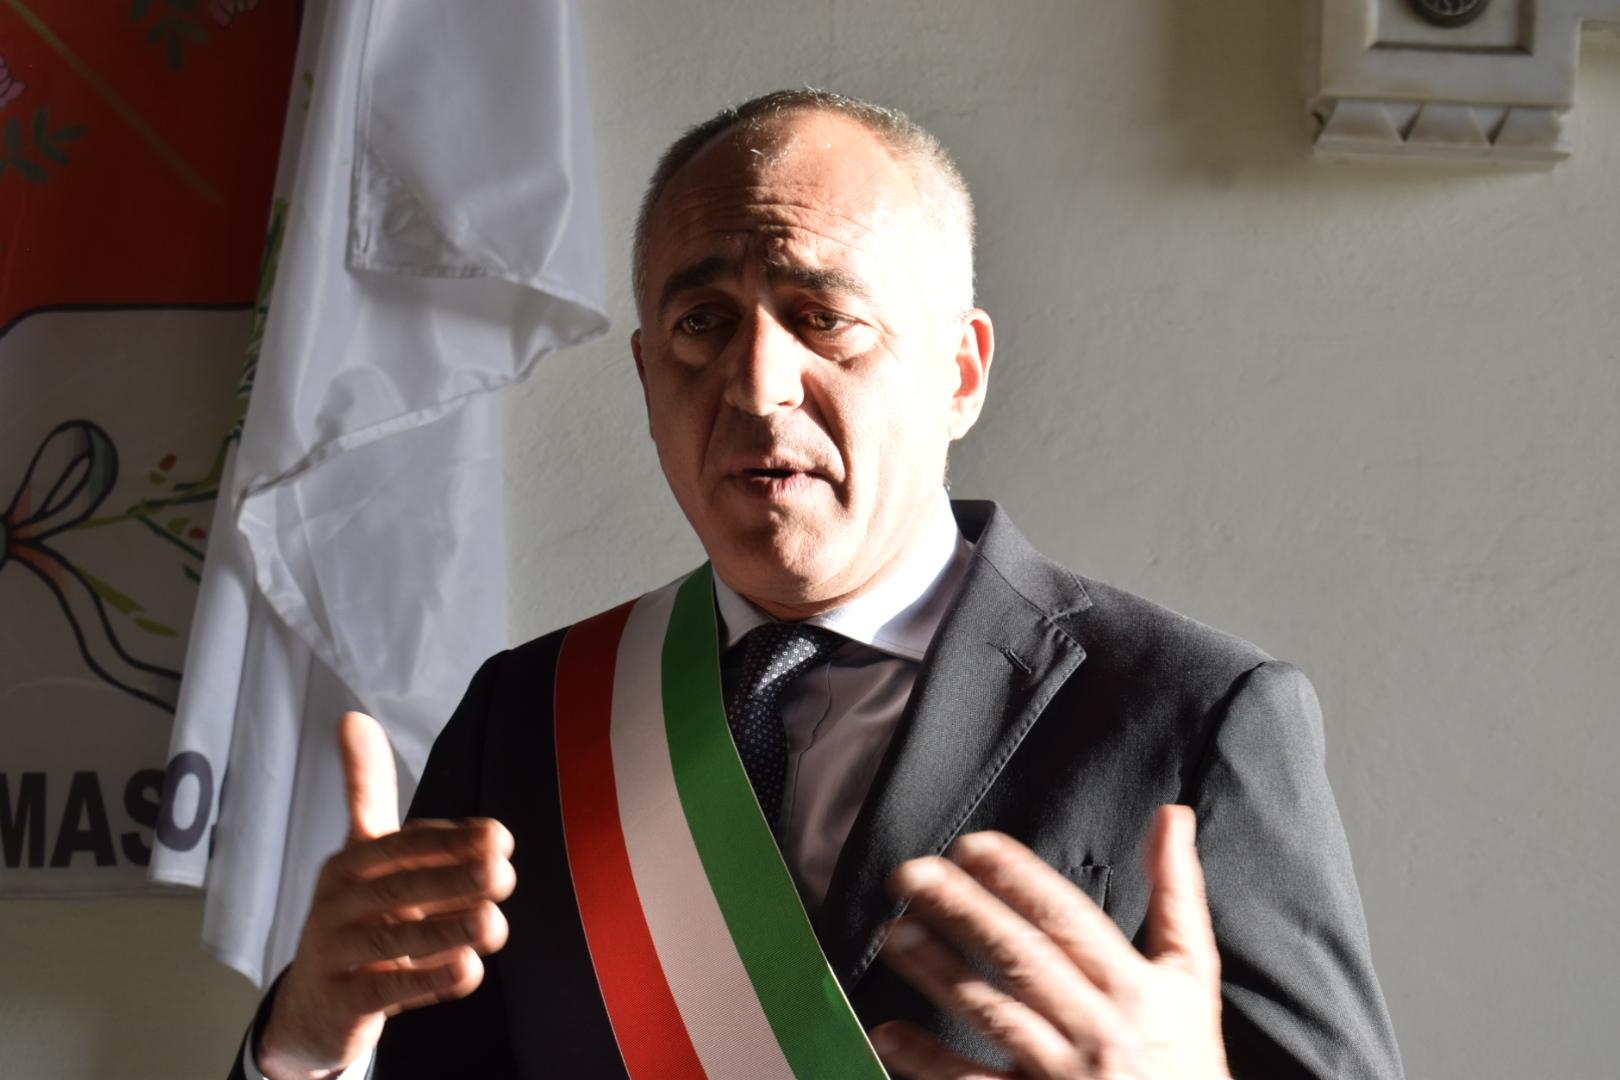 Emergenza Covid-19, Massarosa attiva il centro operativo comunale